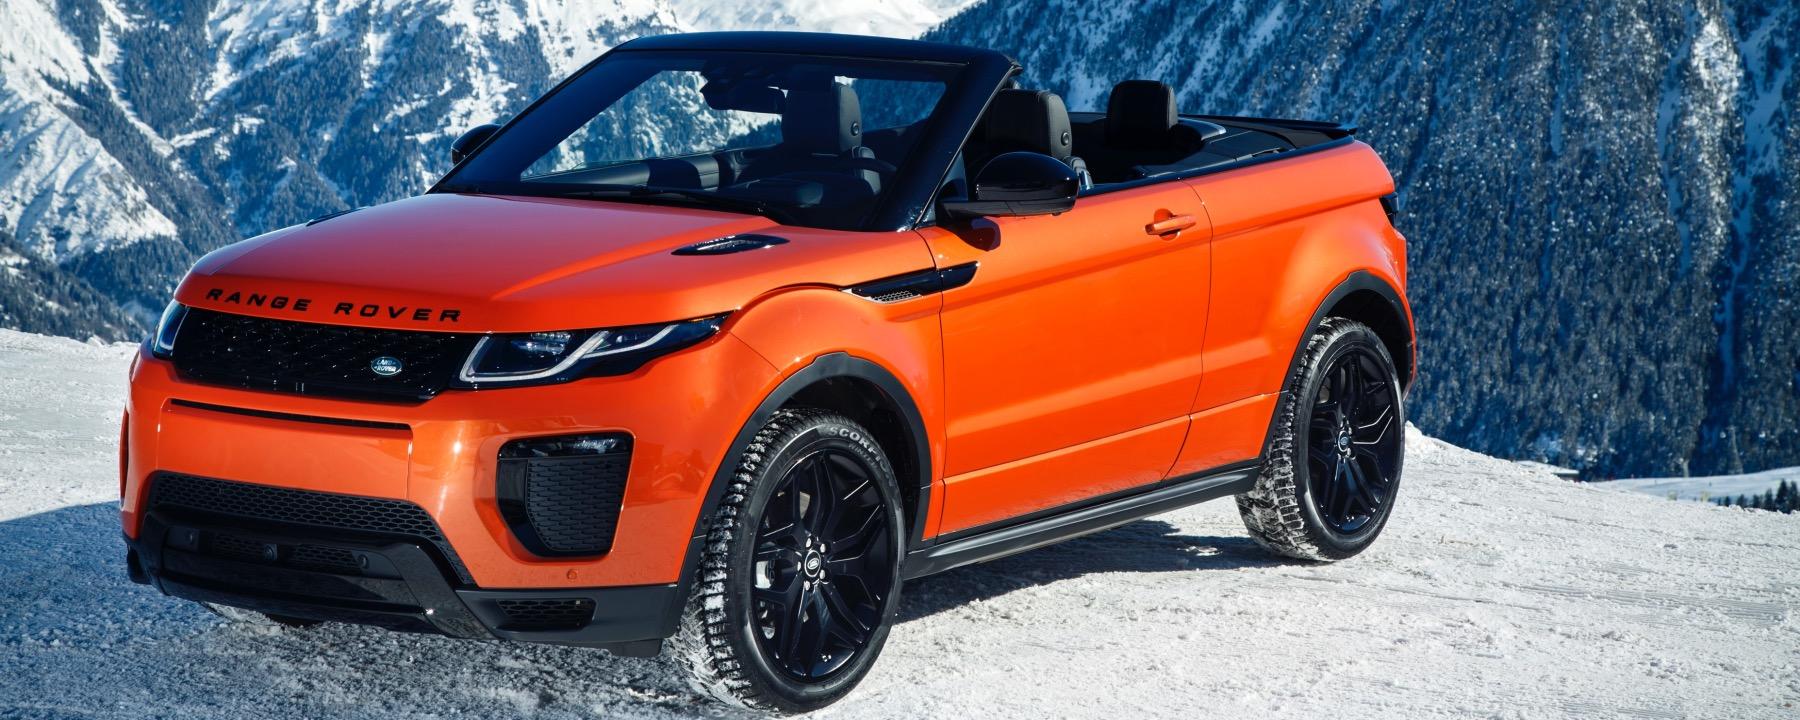 Land Rover Rancho Mirage >> Land Rover Introduces the 2017 Evoque Convertible - indiGO ...